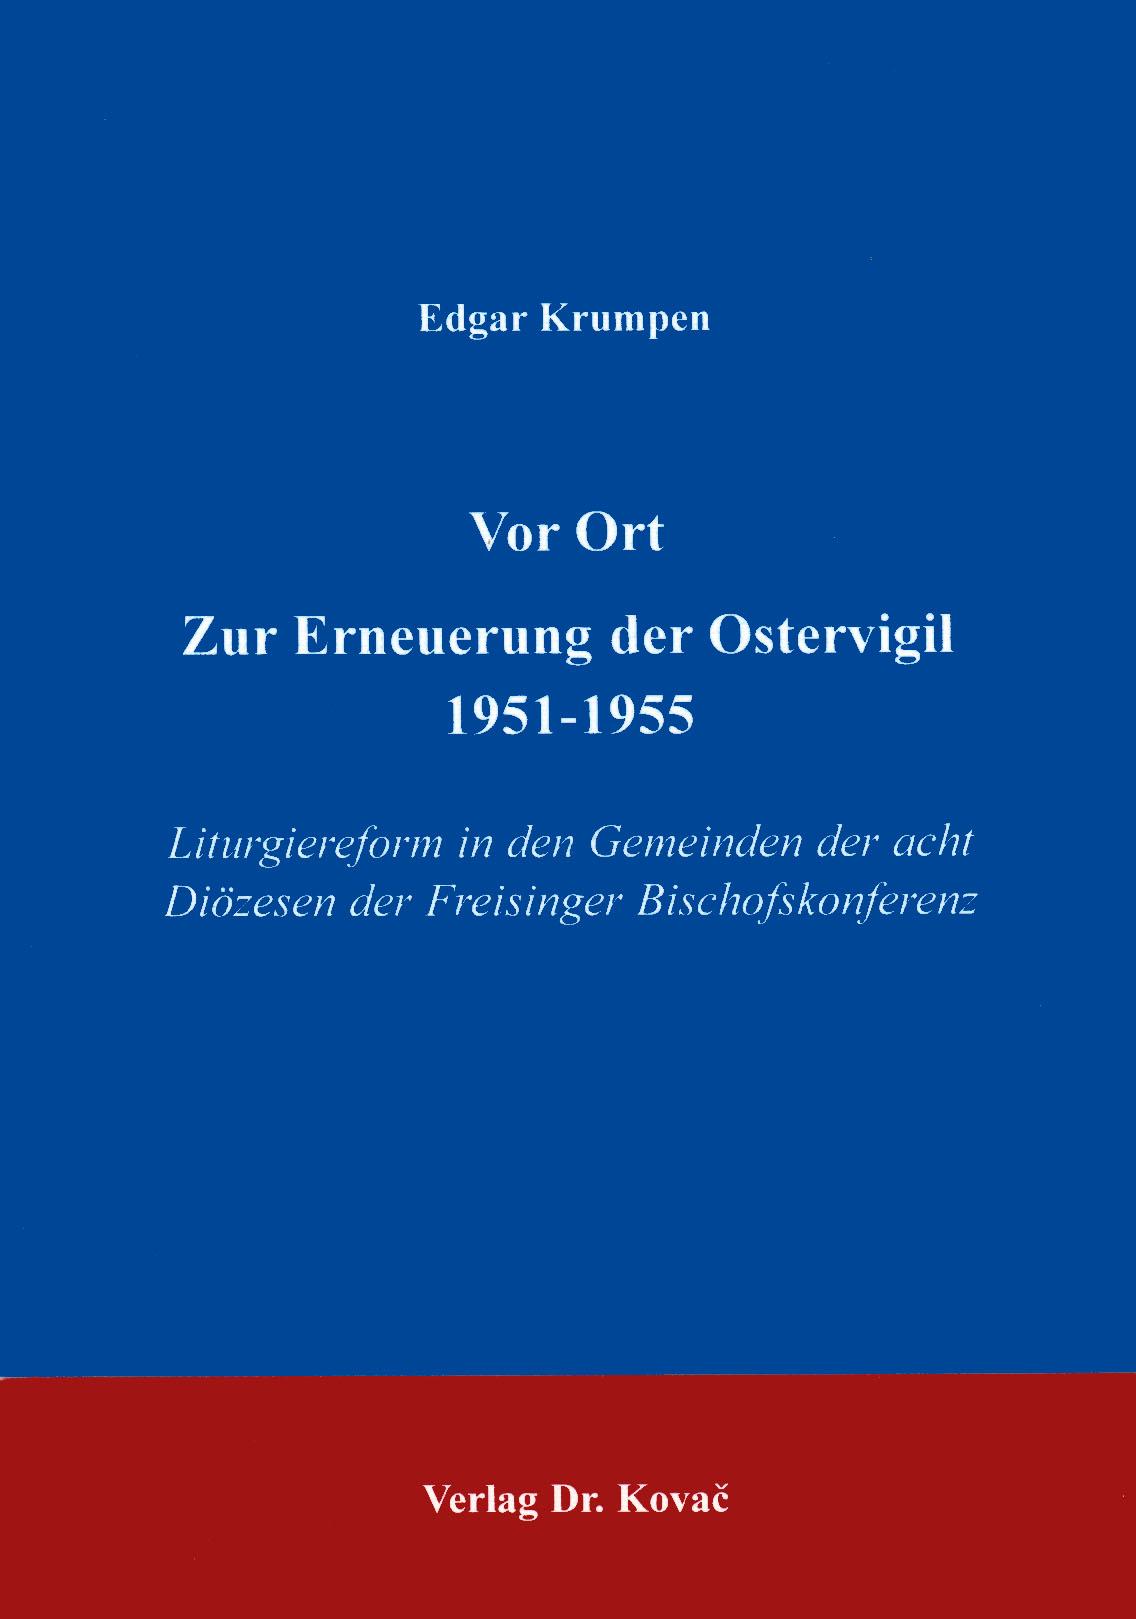 Cover: Vor Ort Zur Erneuerung der Ostervigil 1951-1955